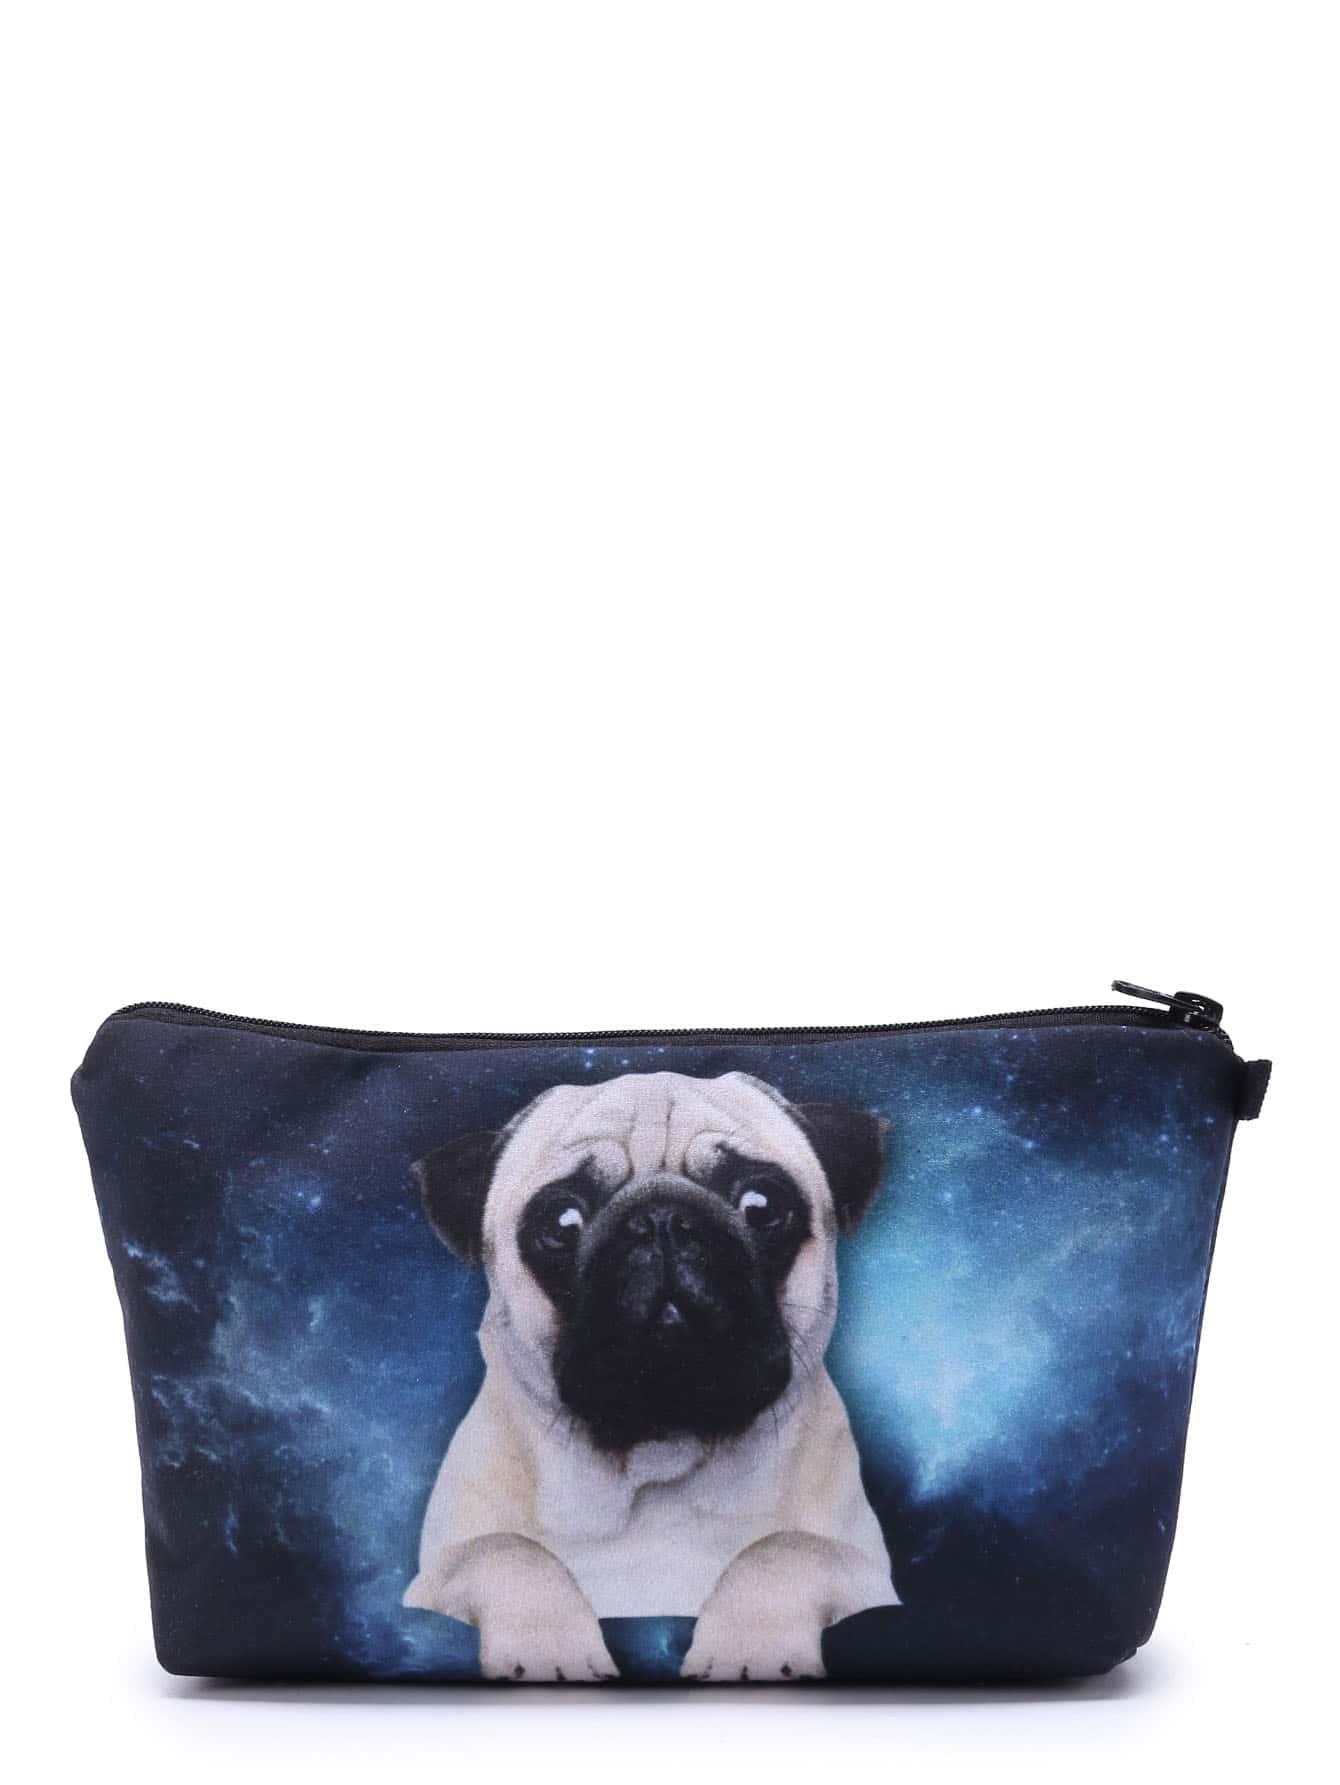 Фото Bulldog & Galaxy Print Makeup Bag. Купить с доставкой